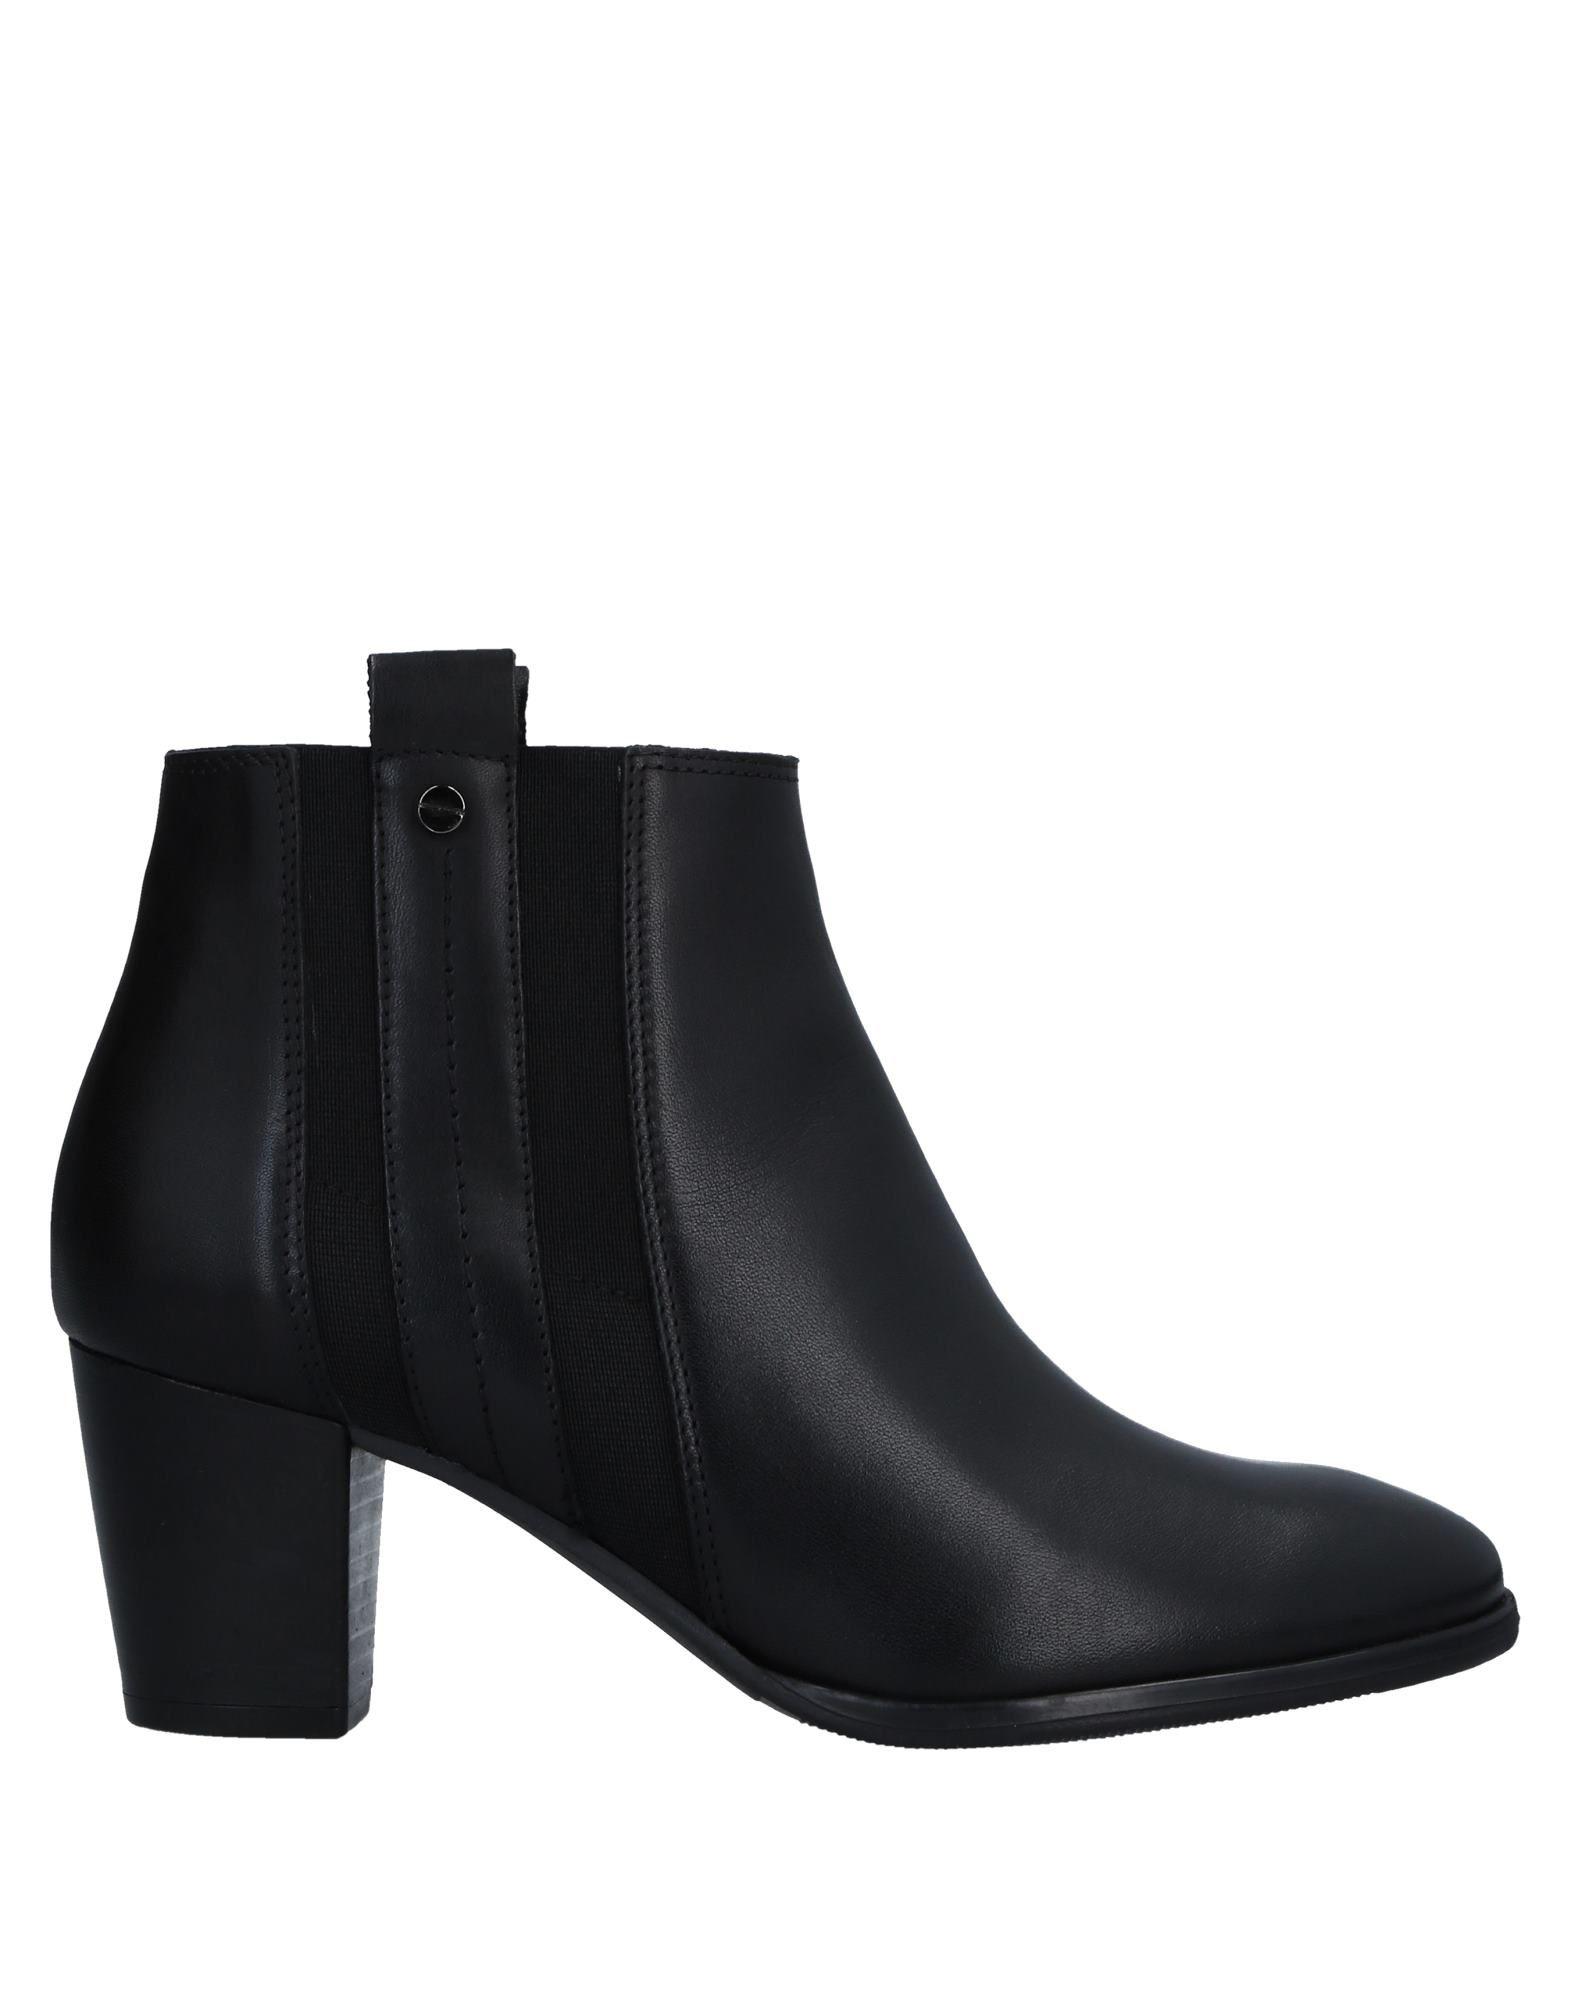 Bottillons Gianni Gregori® Femme - Bottillons Gianni Gregori® Noir Nouvelles chaussures pour hommes et femmes, remise limitée dans le temps